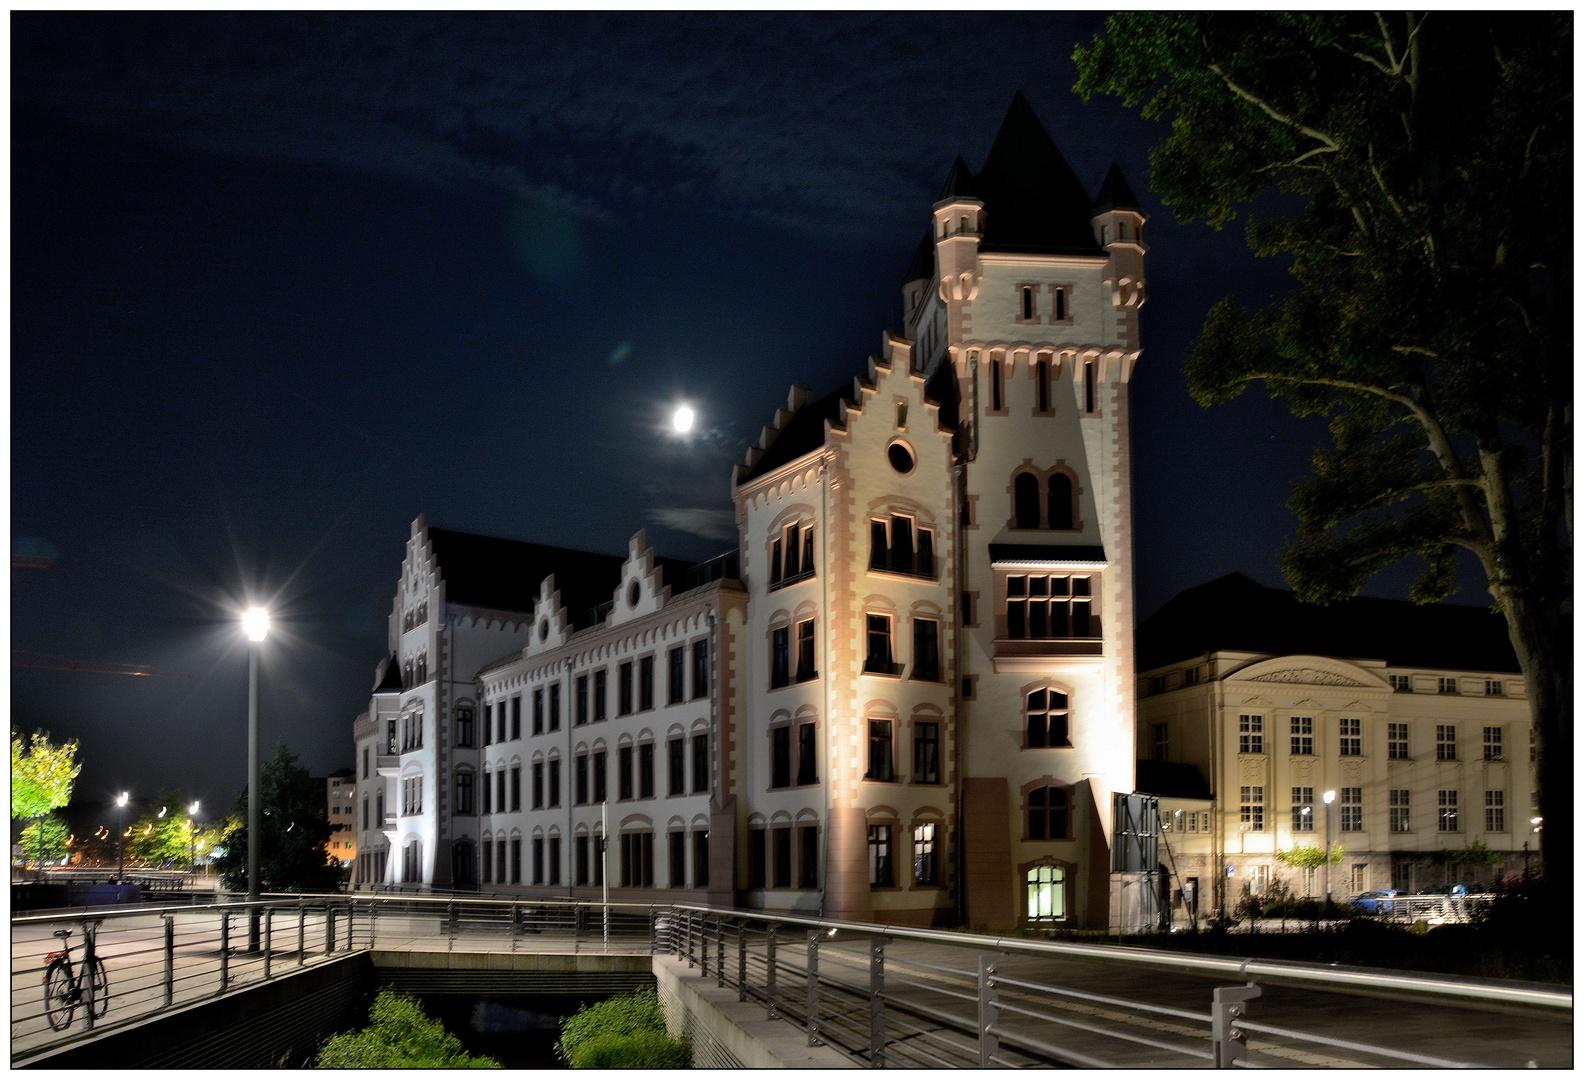 Hörder Burg - Dortmund - Hörde